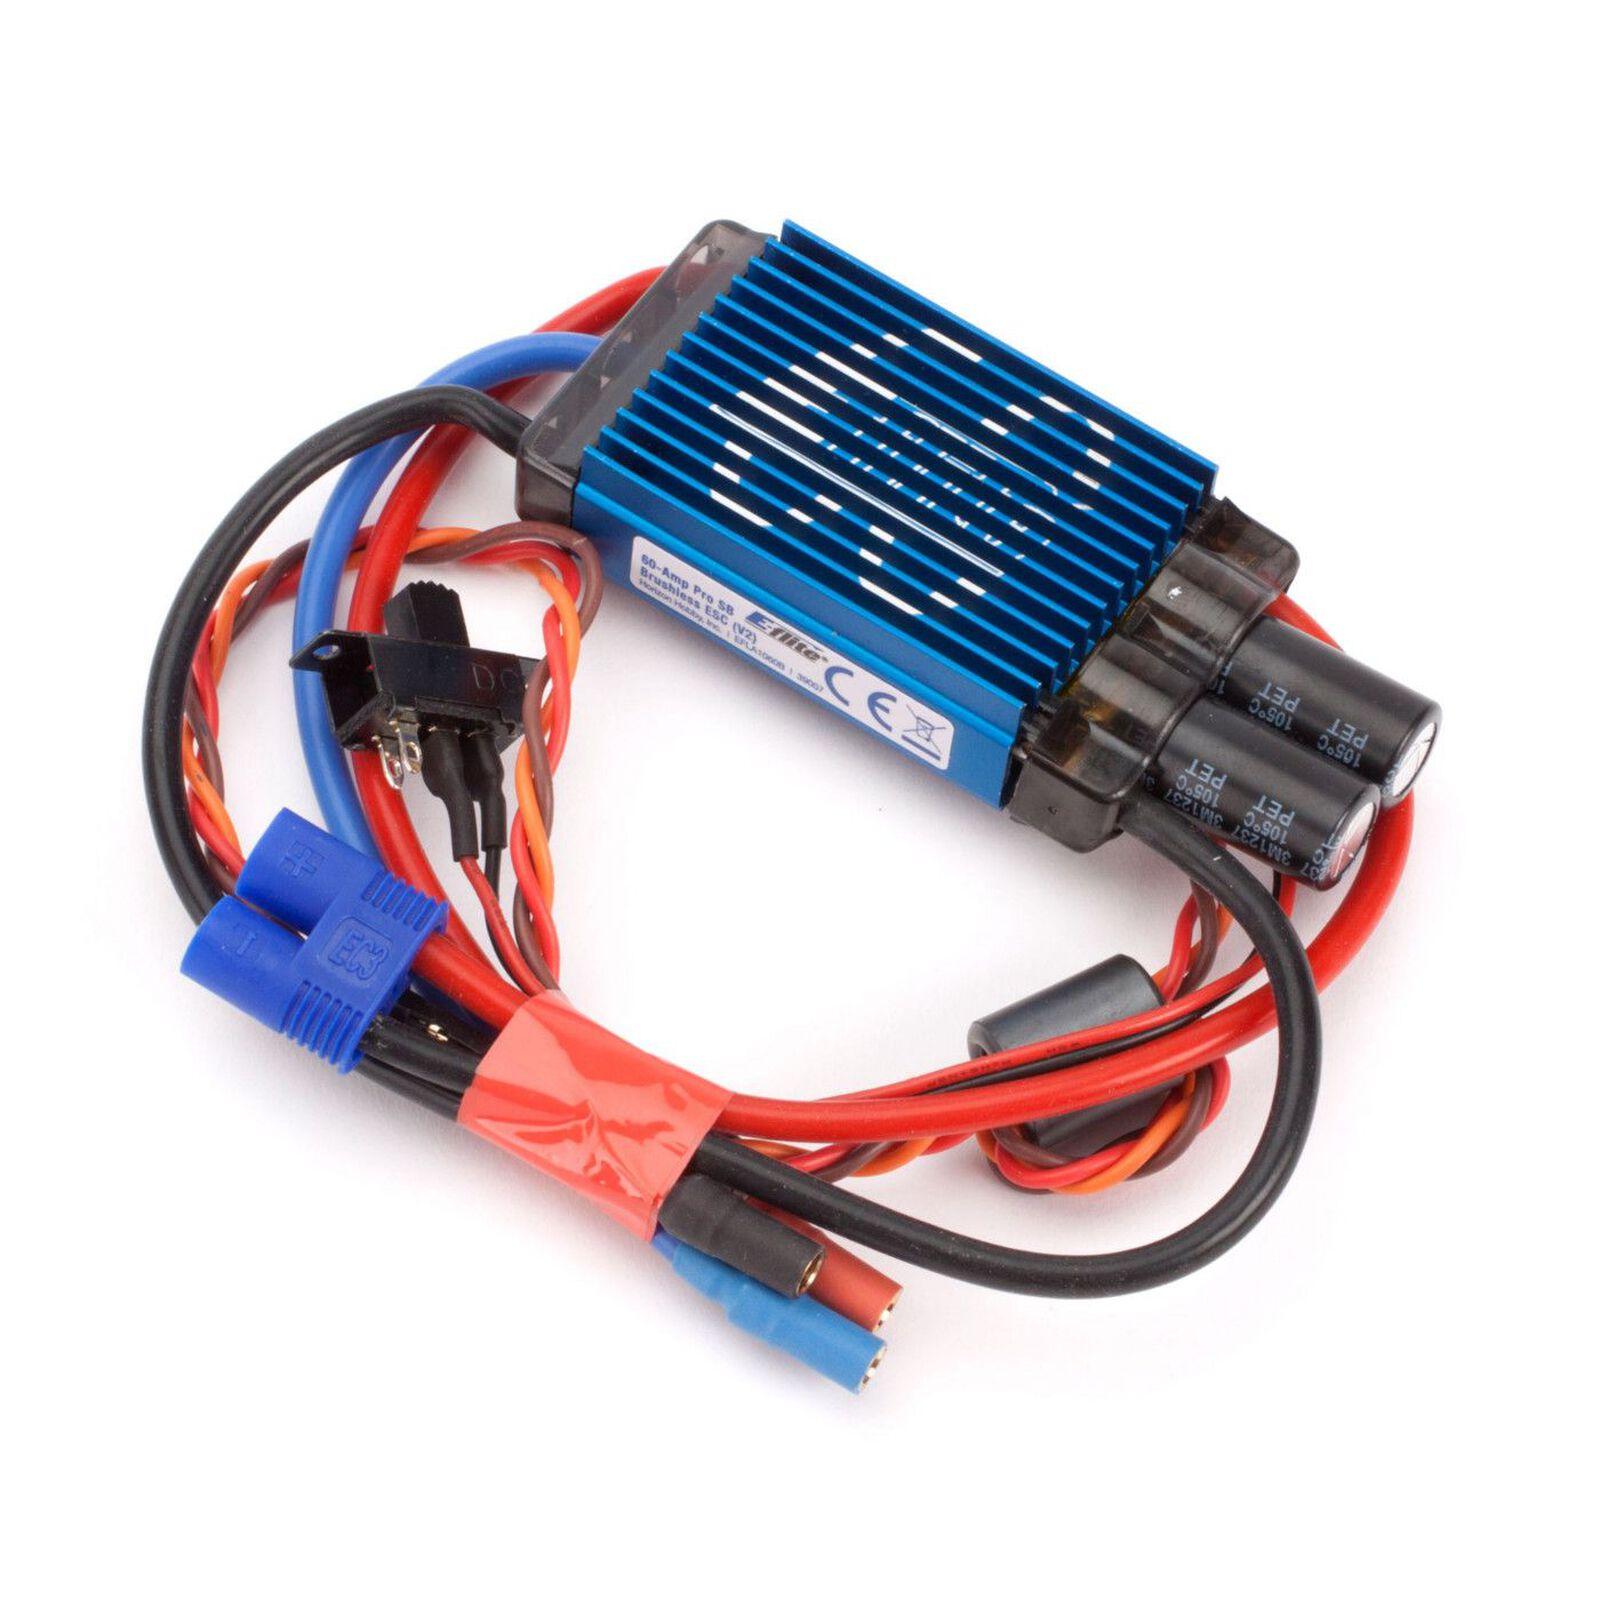 60-Amp Pro Switch-Mode BEC Brushless ESC V2: EC3